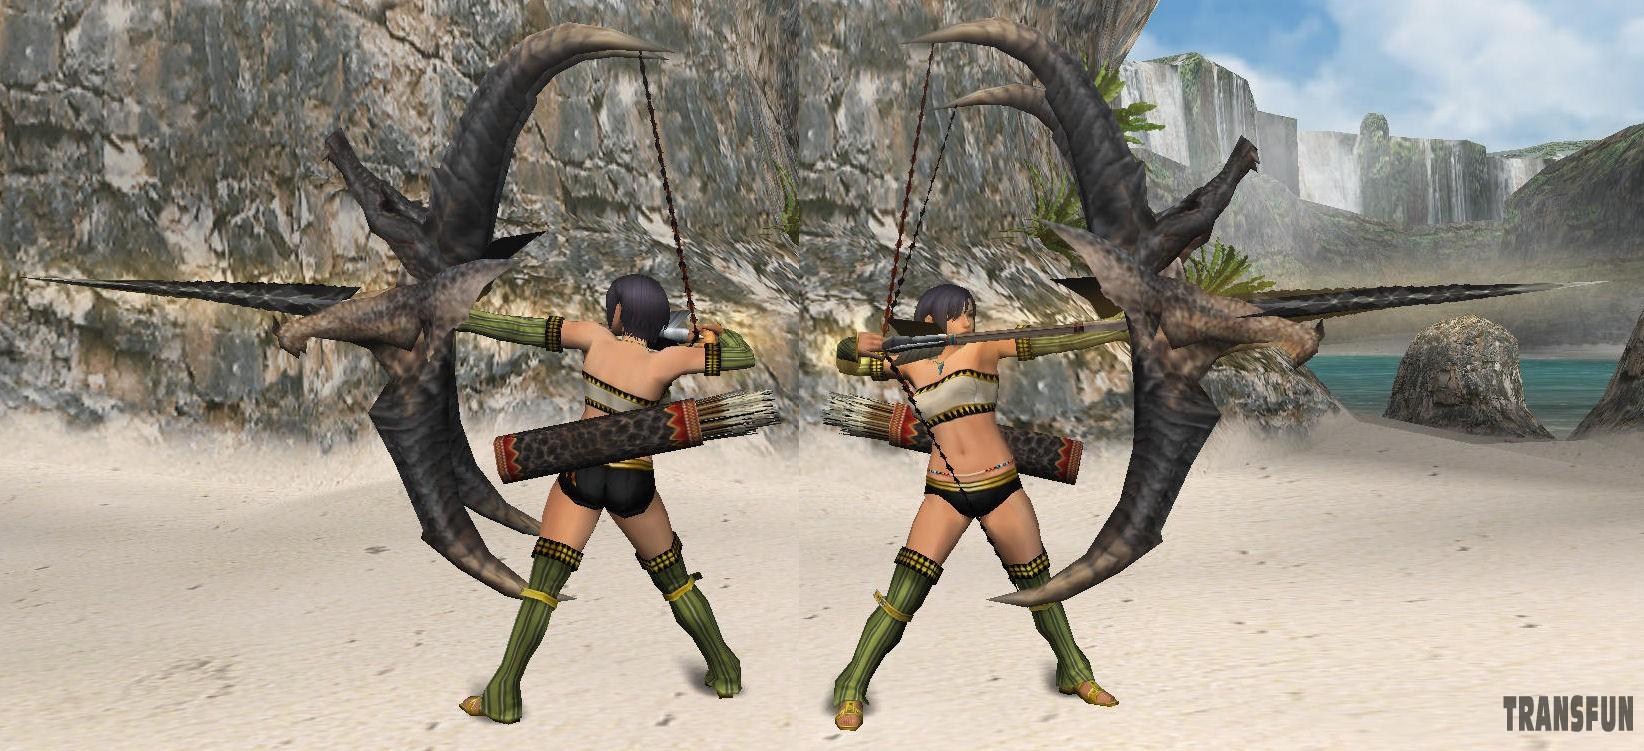 怪物猎人/MH 老玩家弓箭手心得 - 关于走位、集气、距离和弓的选择